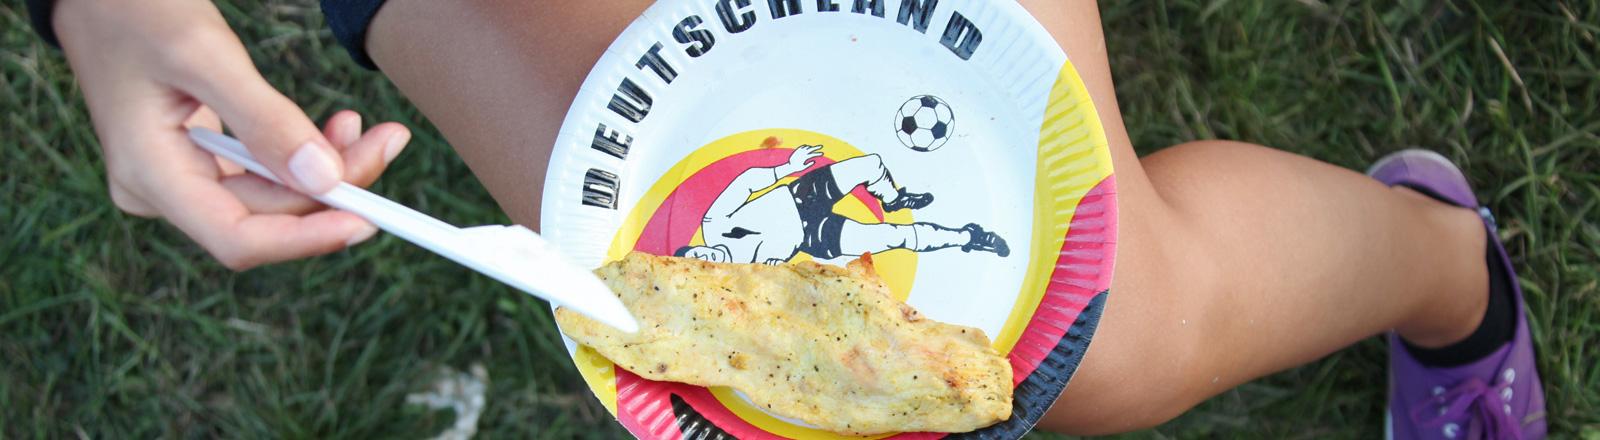 Auf den Oberschenkeln einer Frau liegt ein Papierteller auf dem ein Fußballer abgebildet ist. Darüber steht Deutschland.